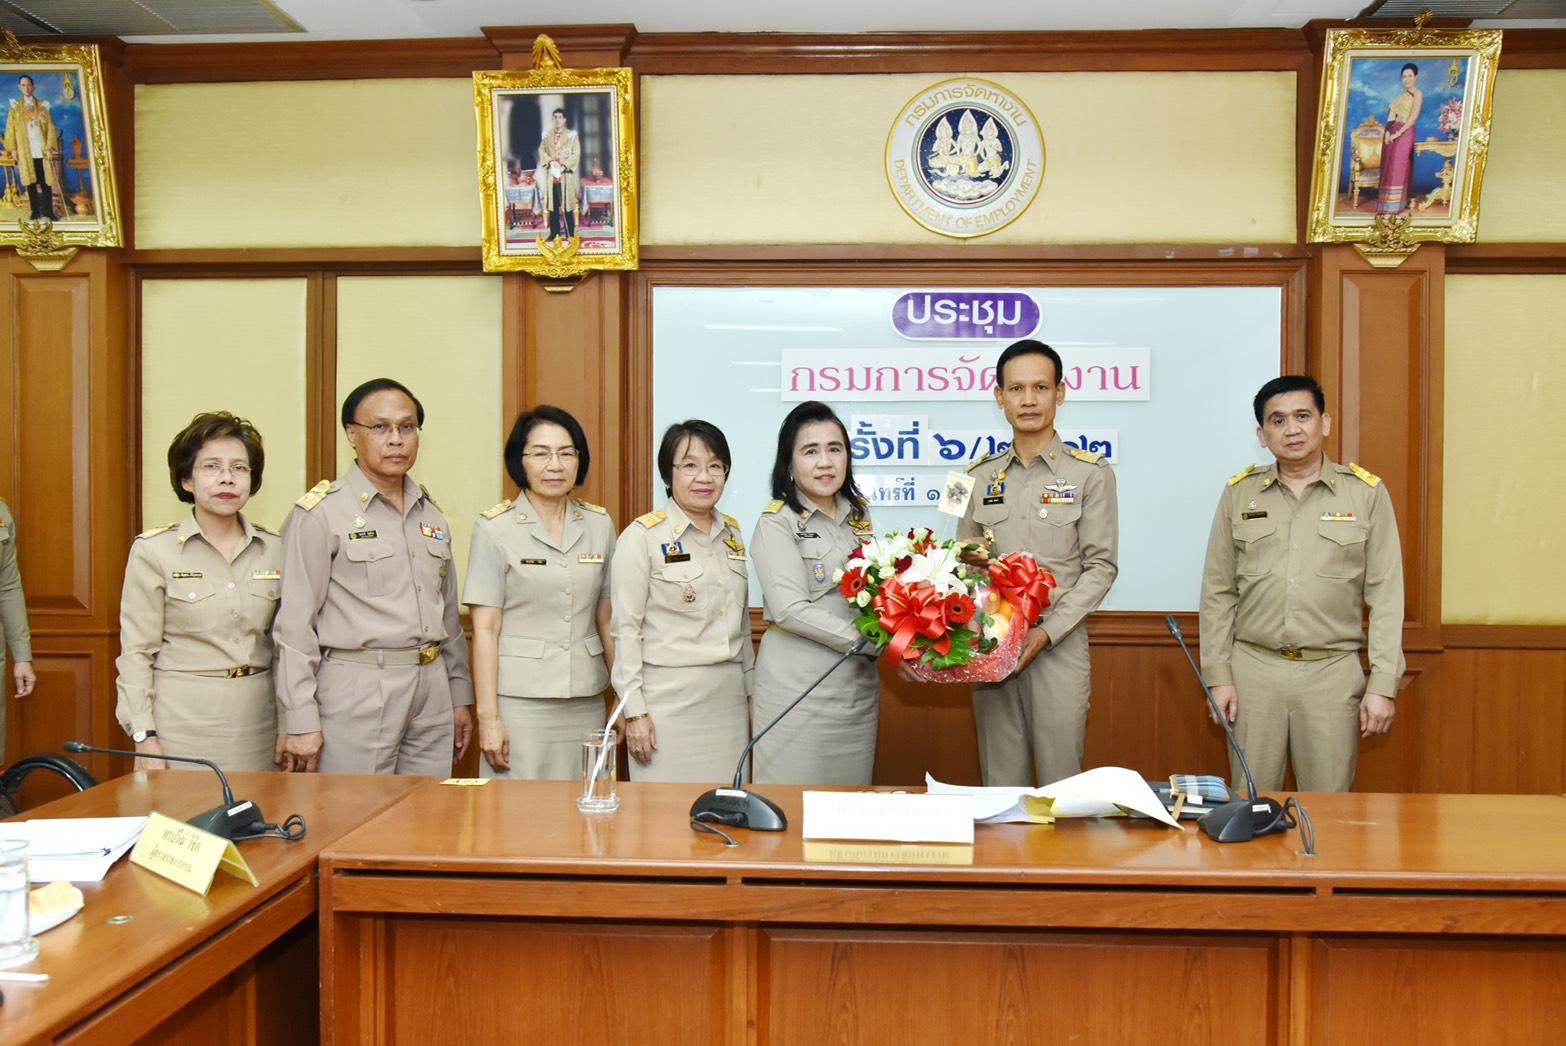 กกจ. ประชุมเตรียมการฯ  รัฐบาลไทย และรัฐบาลกาตาร์